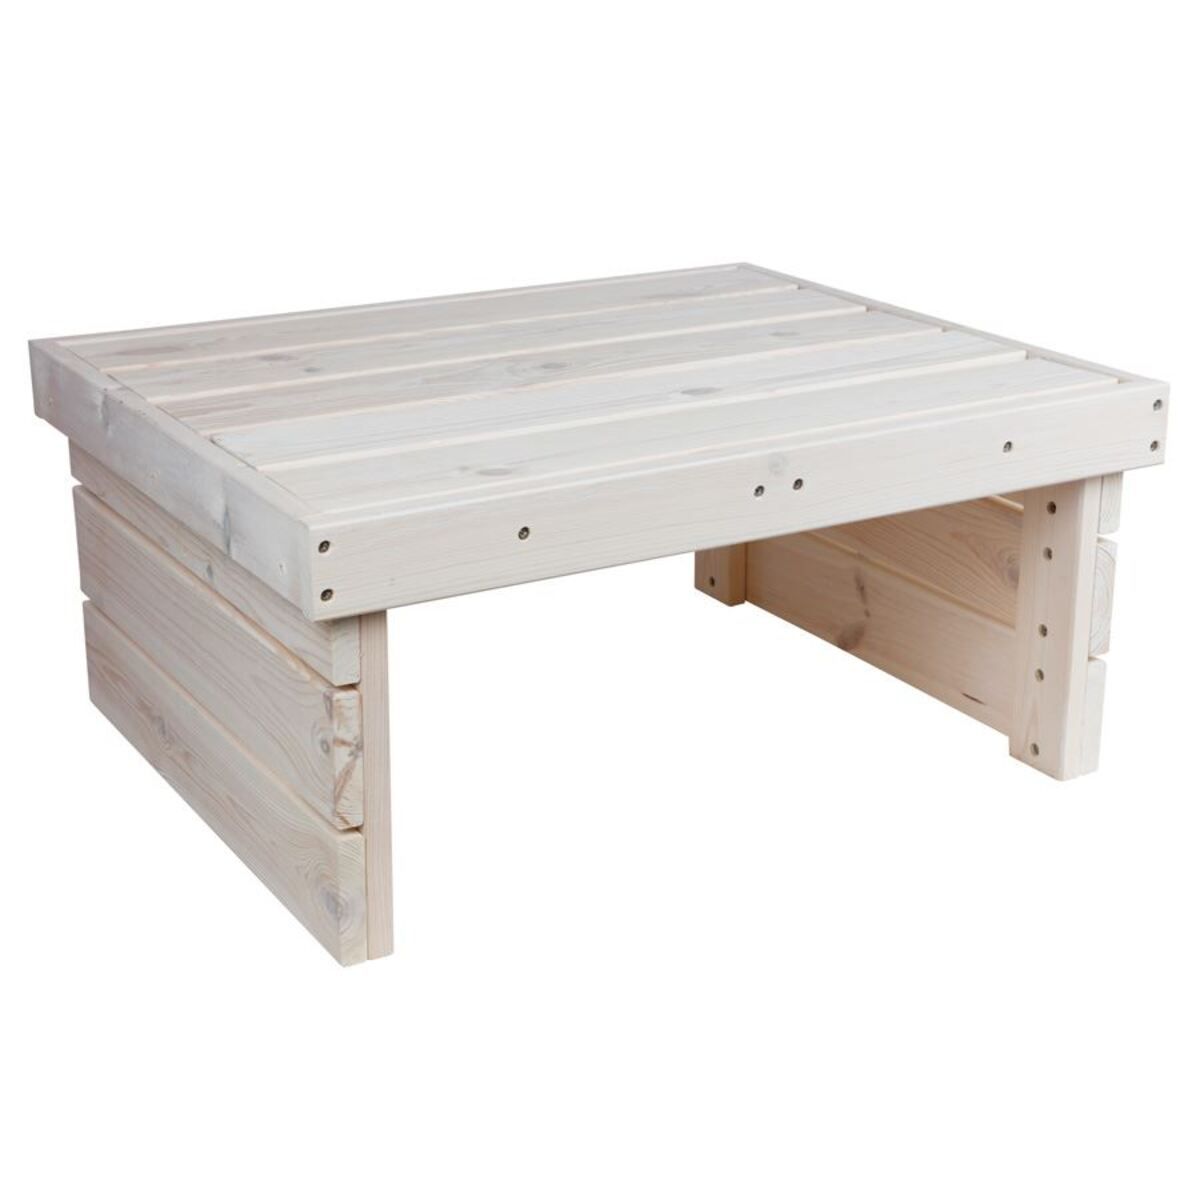 Bild 2 von Holz-Gartentisch 70x32x59cm White-Washed